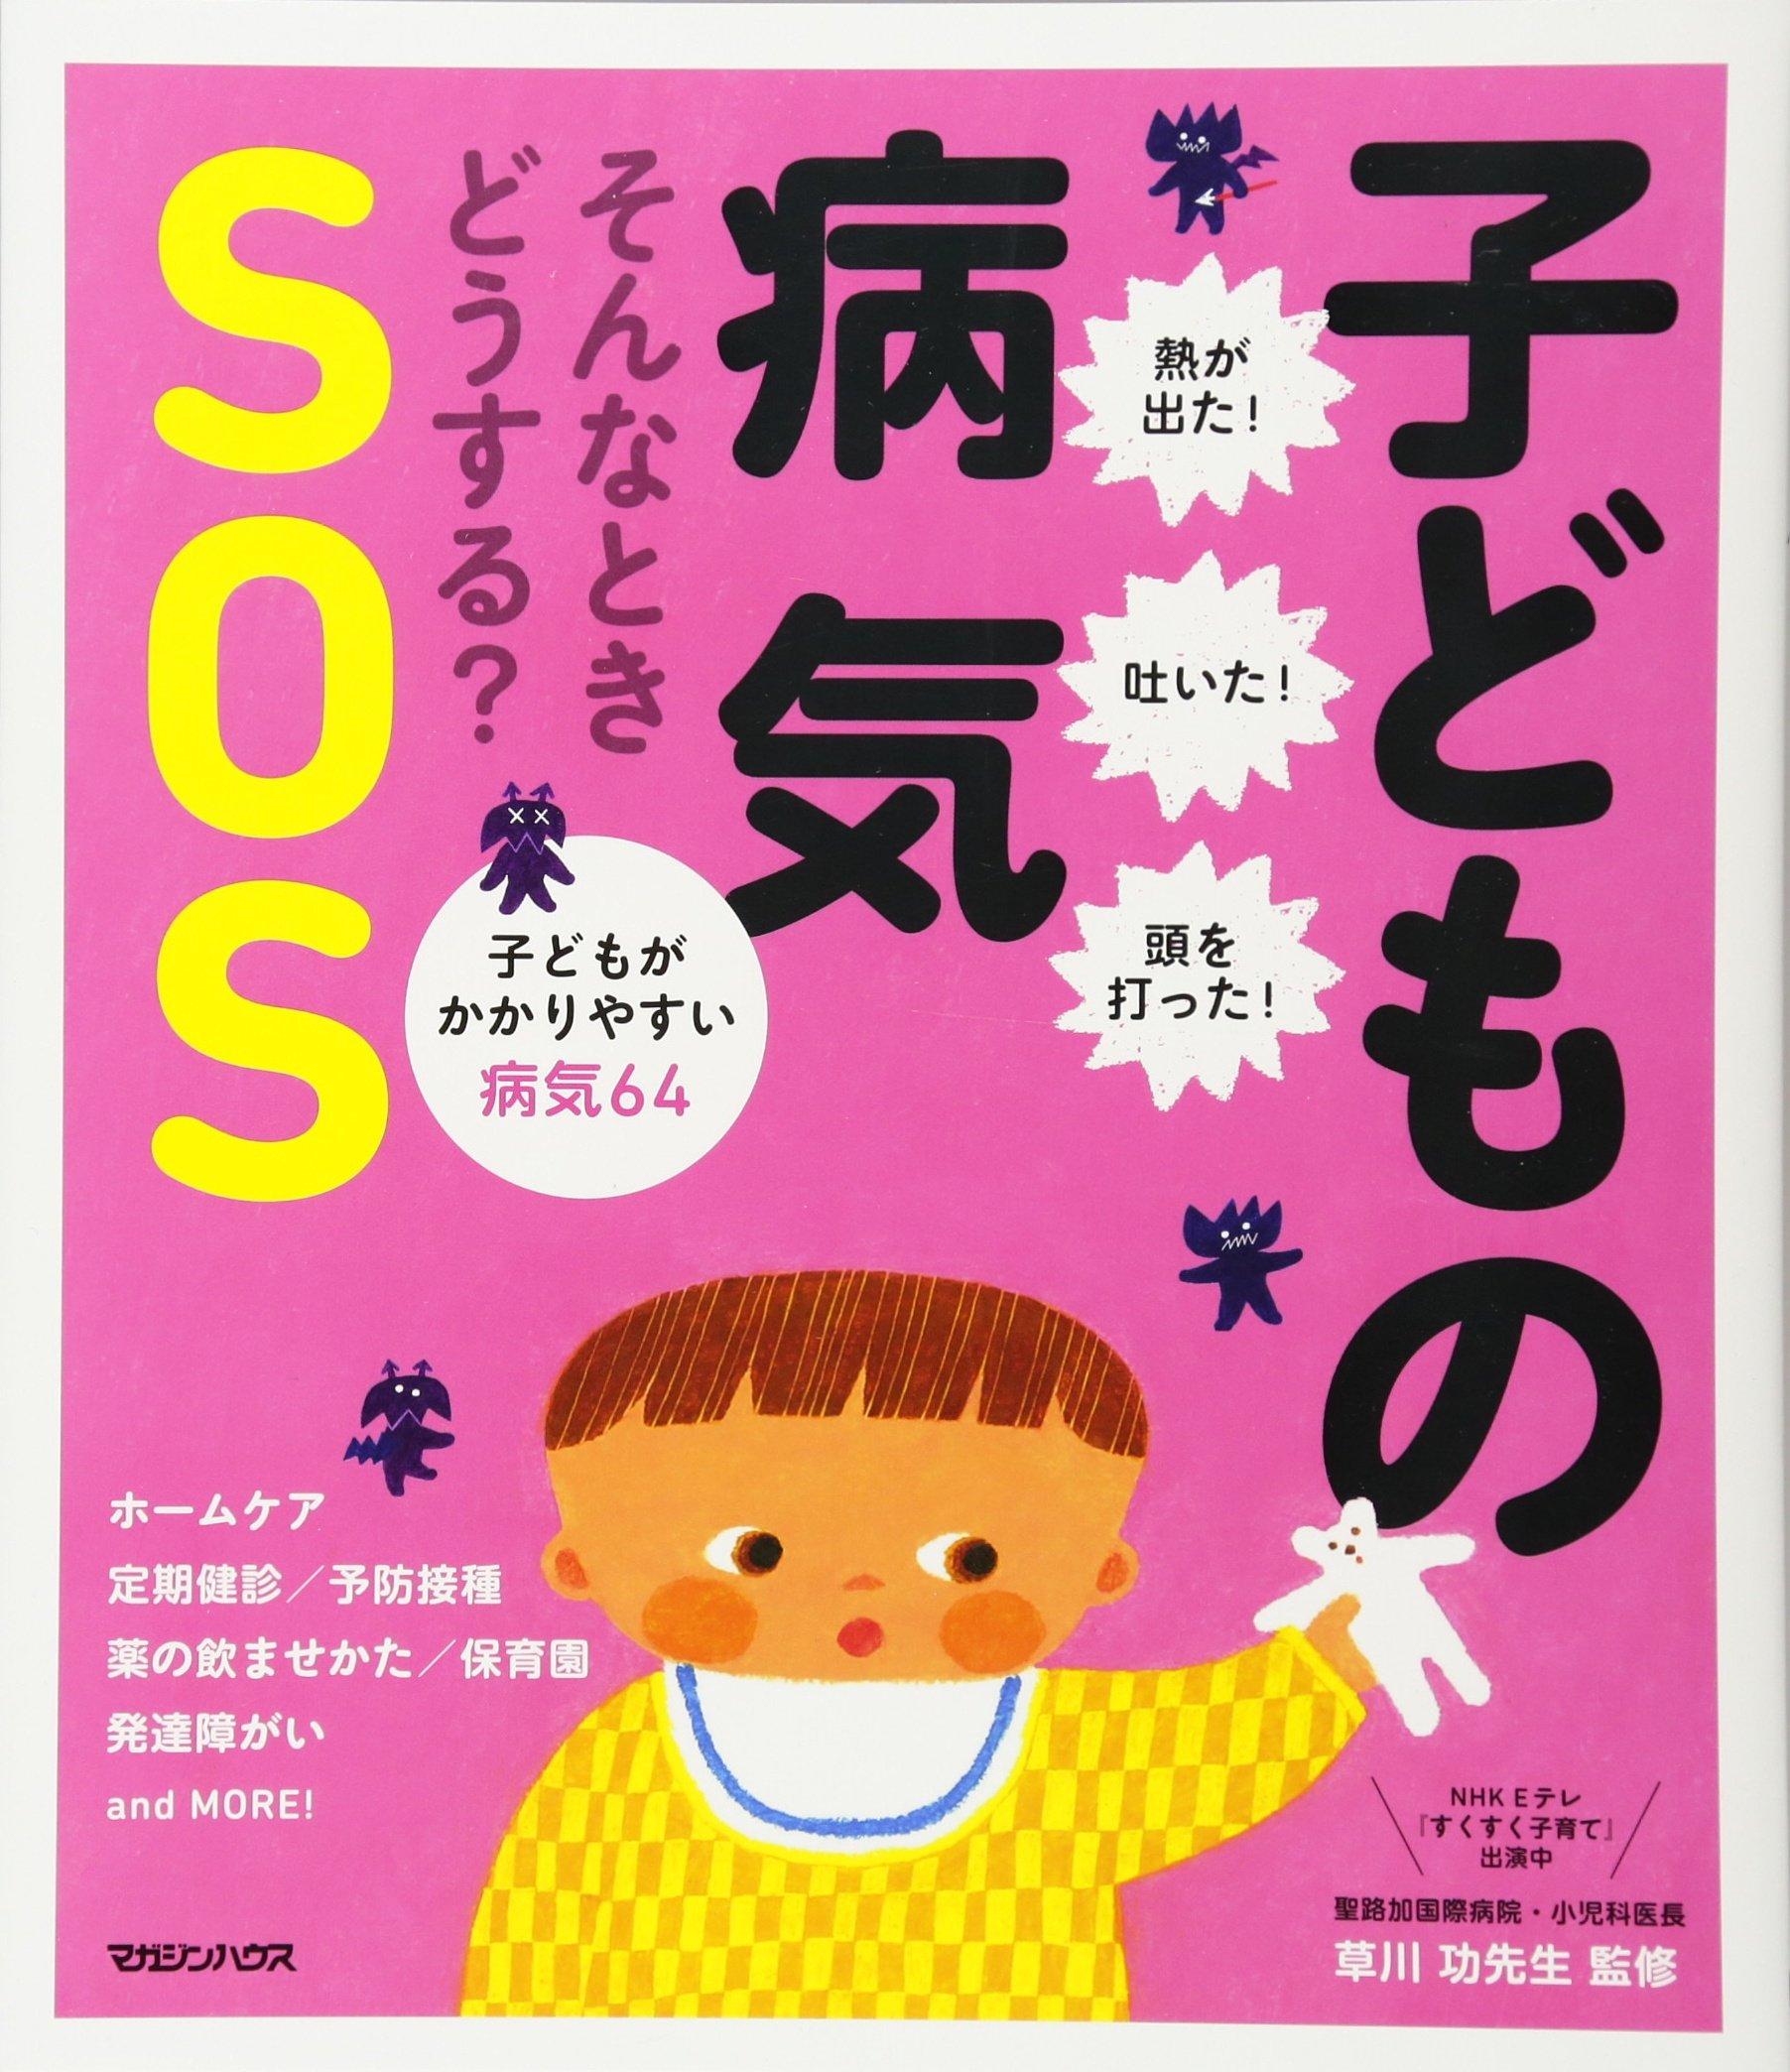 そんなときどうする? 子どもの病気SOS | 草川 功 |本 | 通販 | Amazon